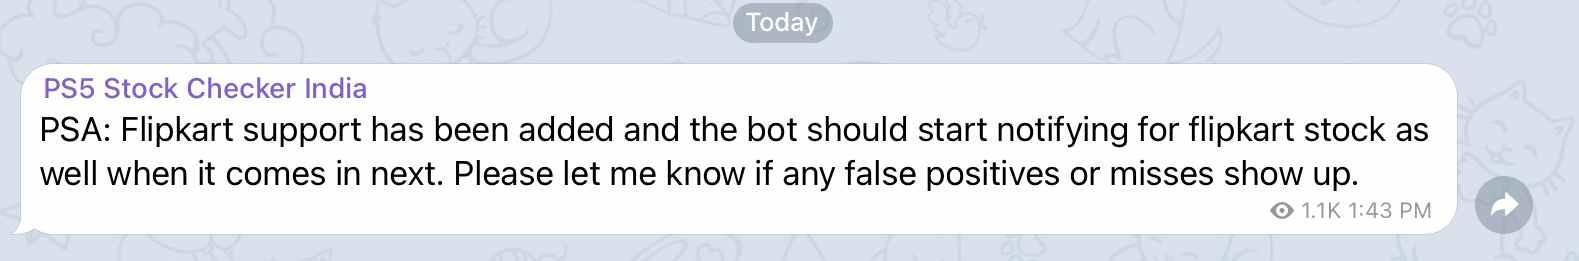 Ps5 Flipkart telegram bot